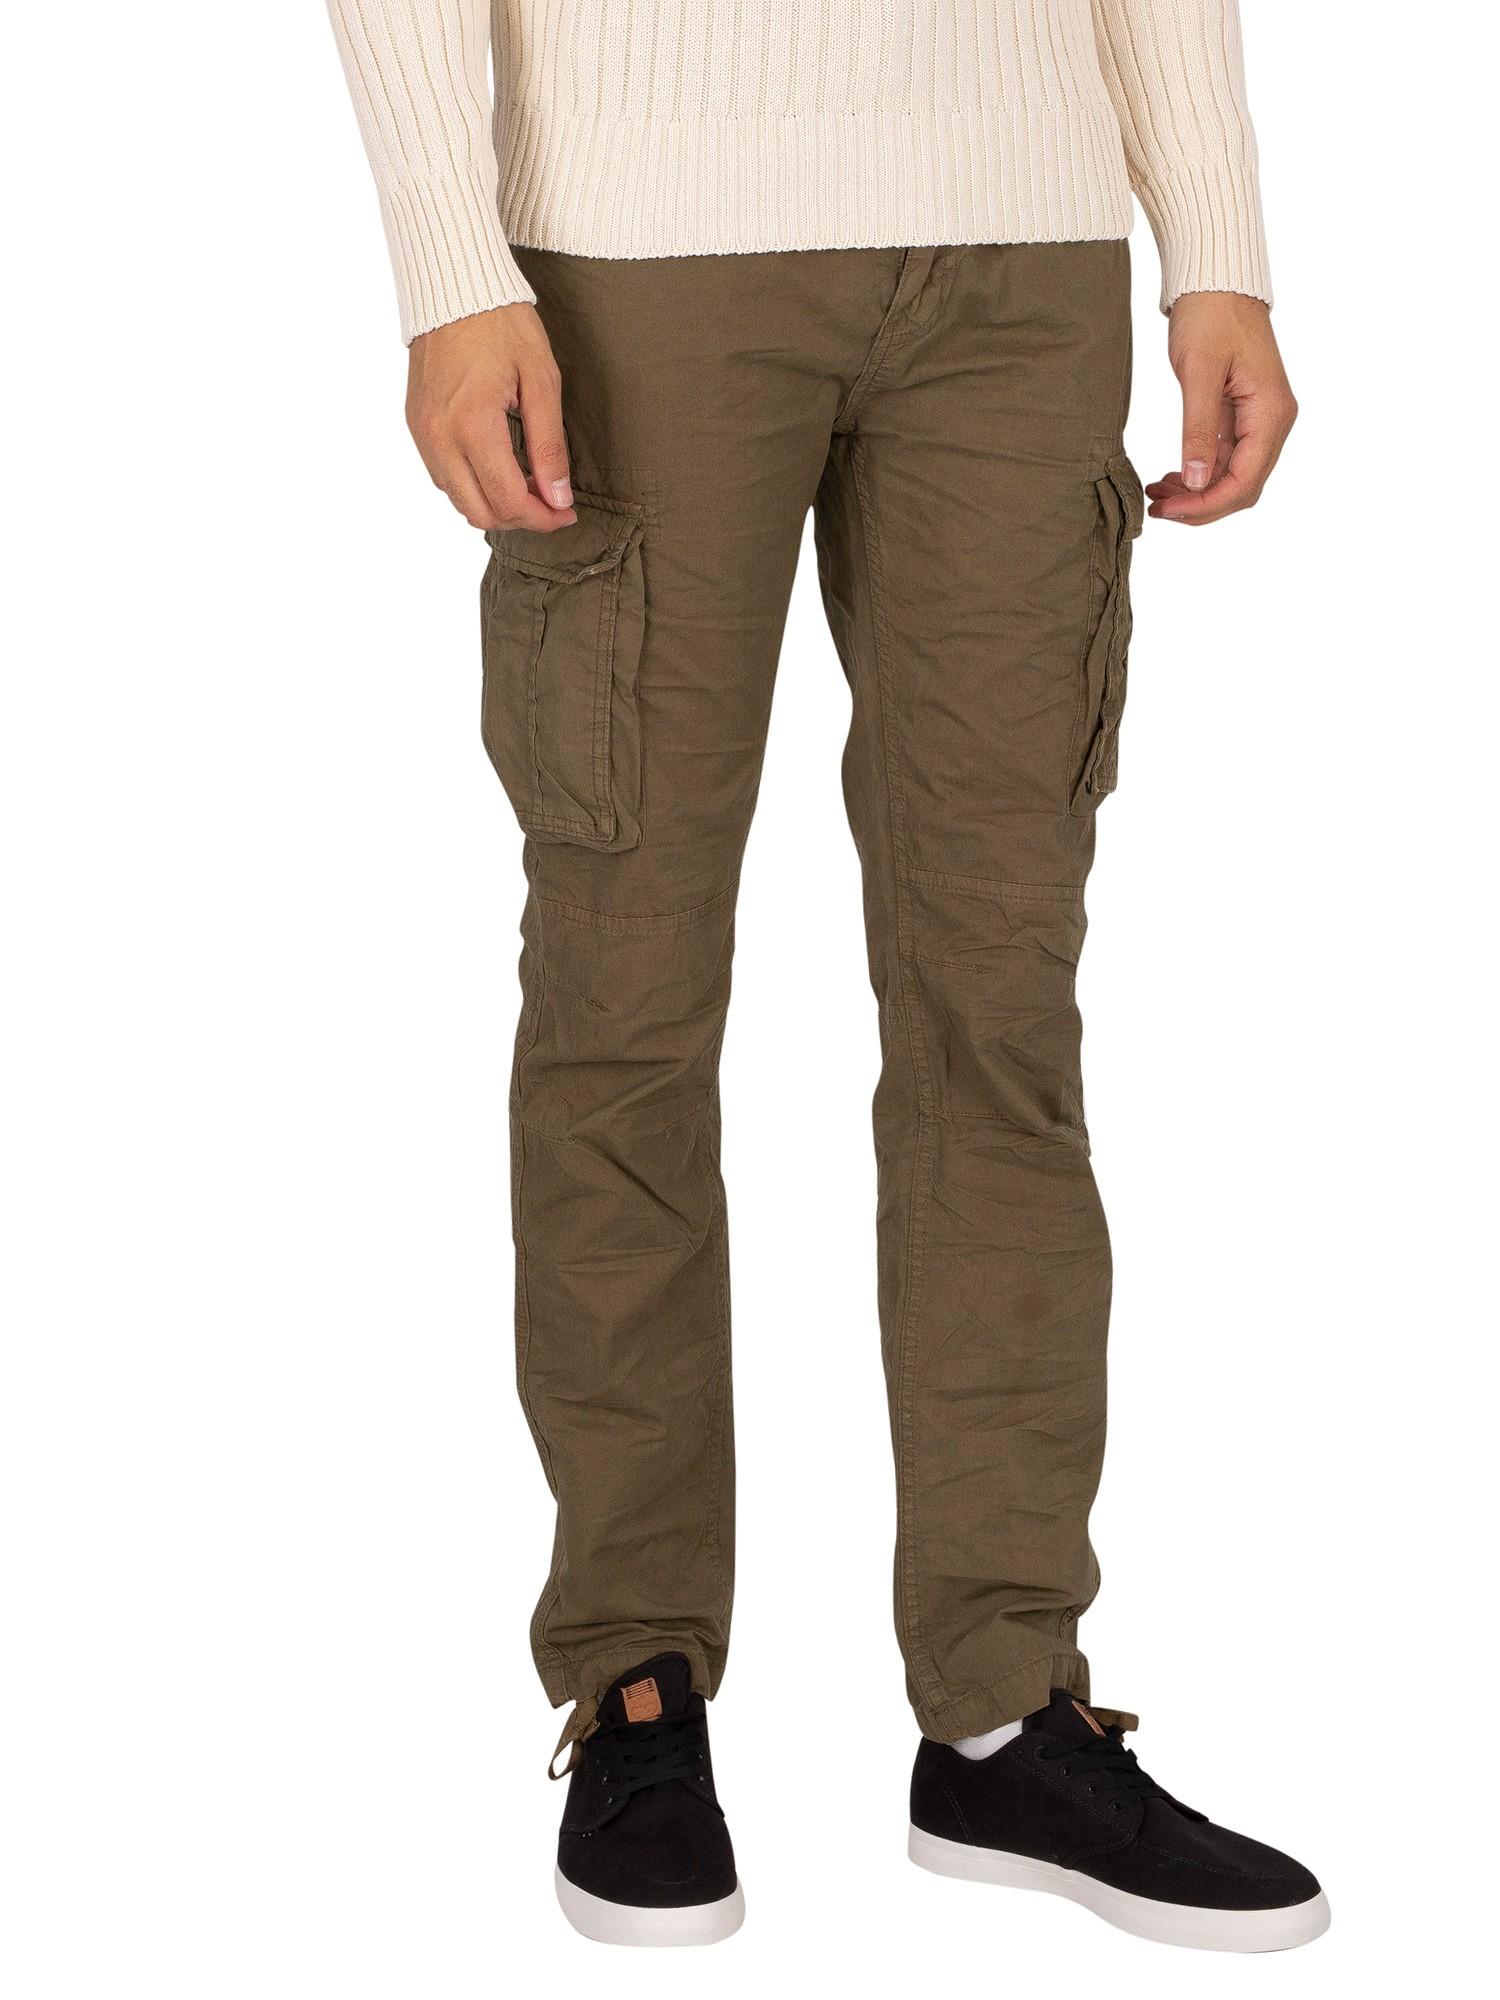 Ranger 70 Cargo Trousers